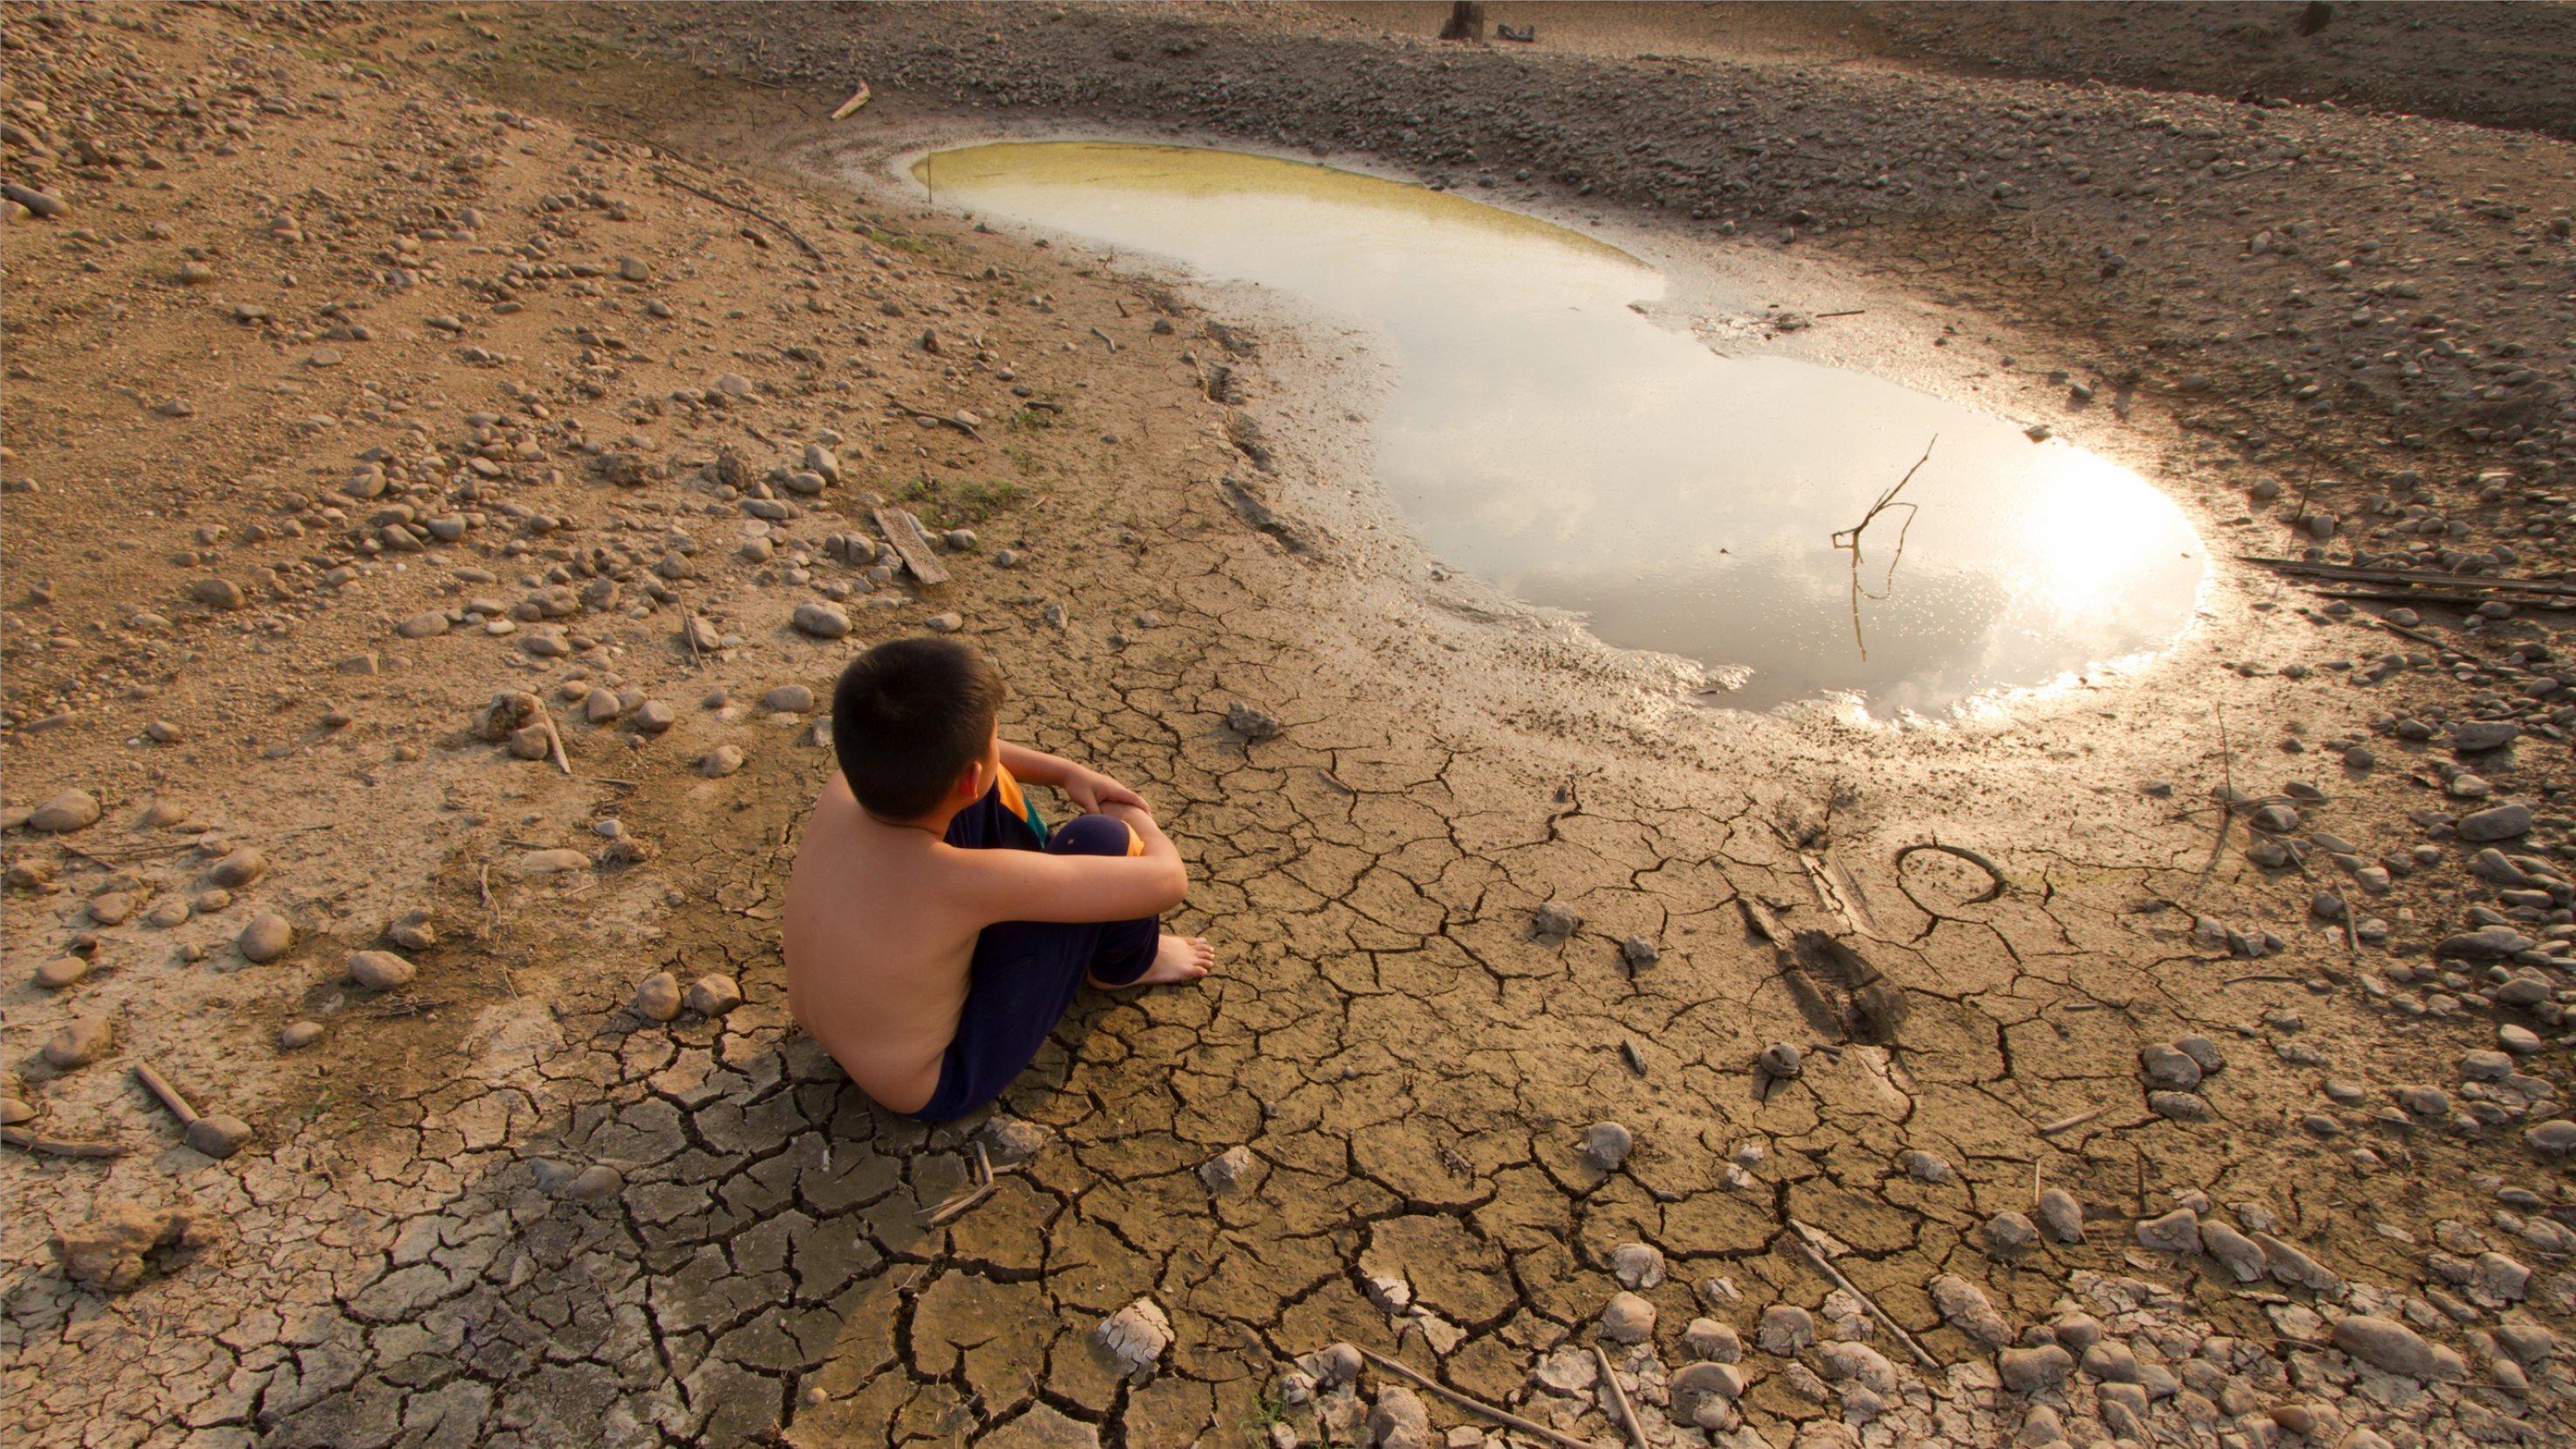 Ein Junge sitzt auf trockenem Boden vor einer Pfütze.